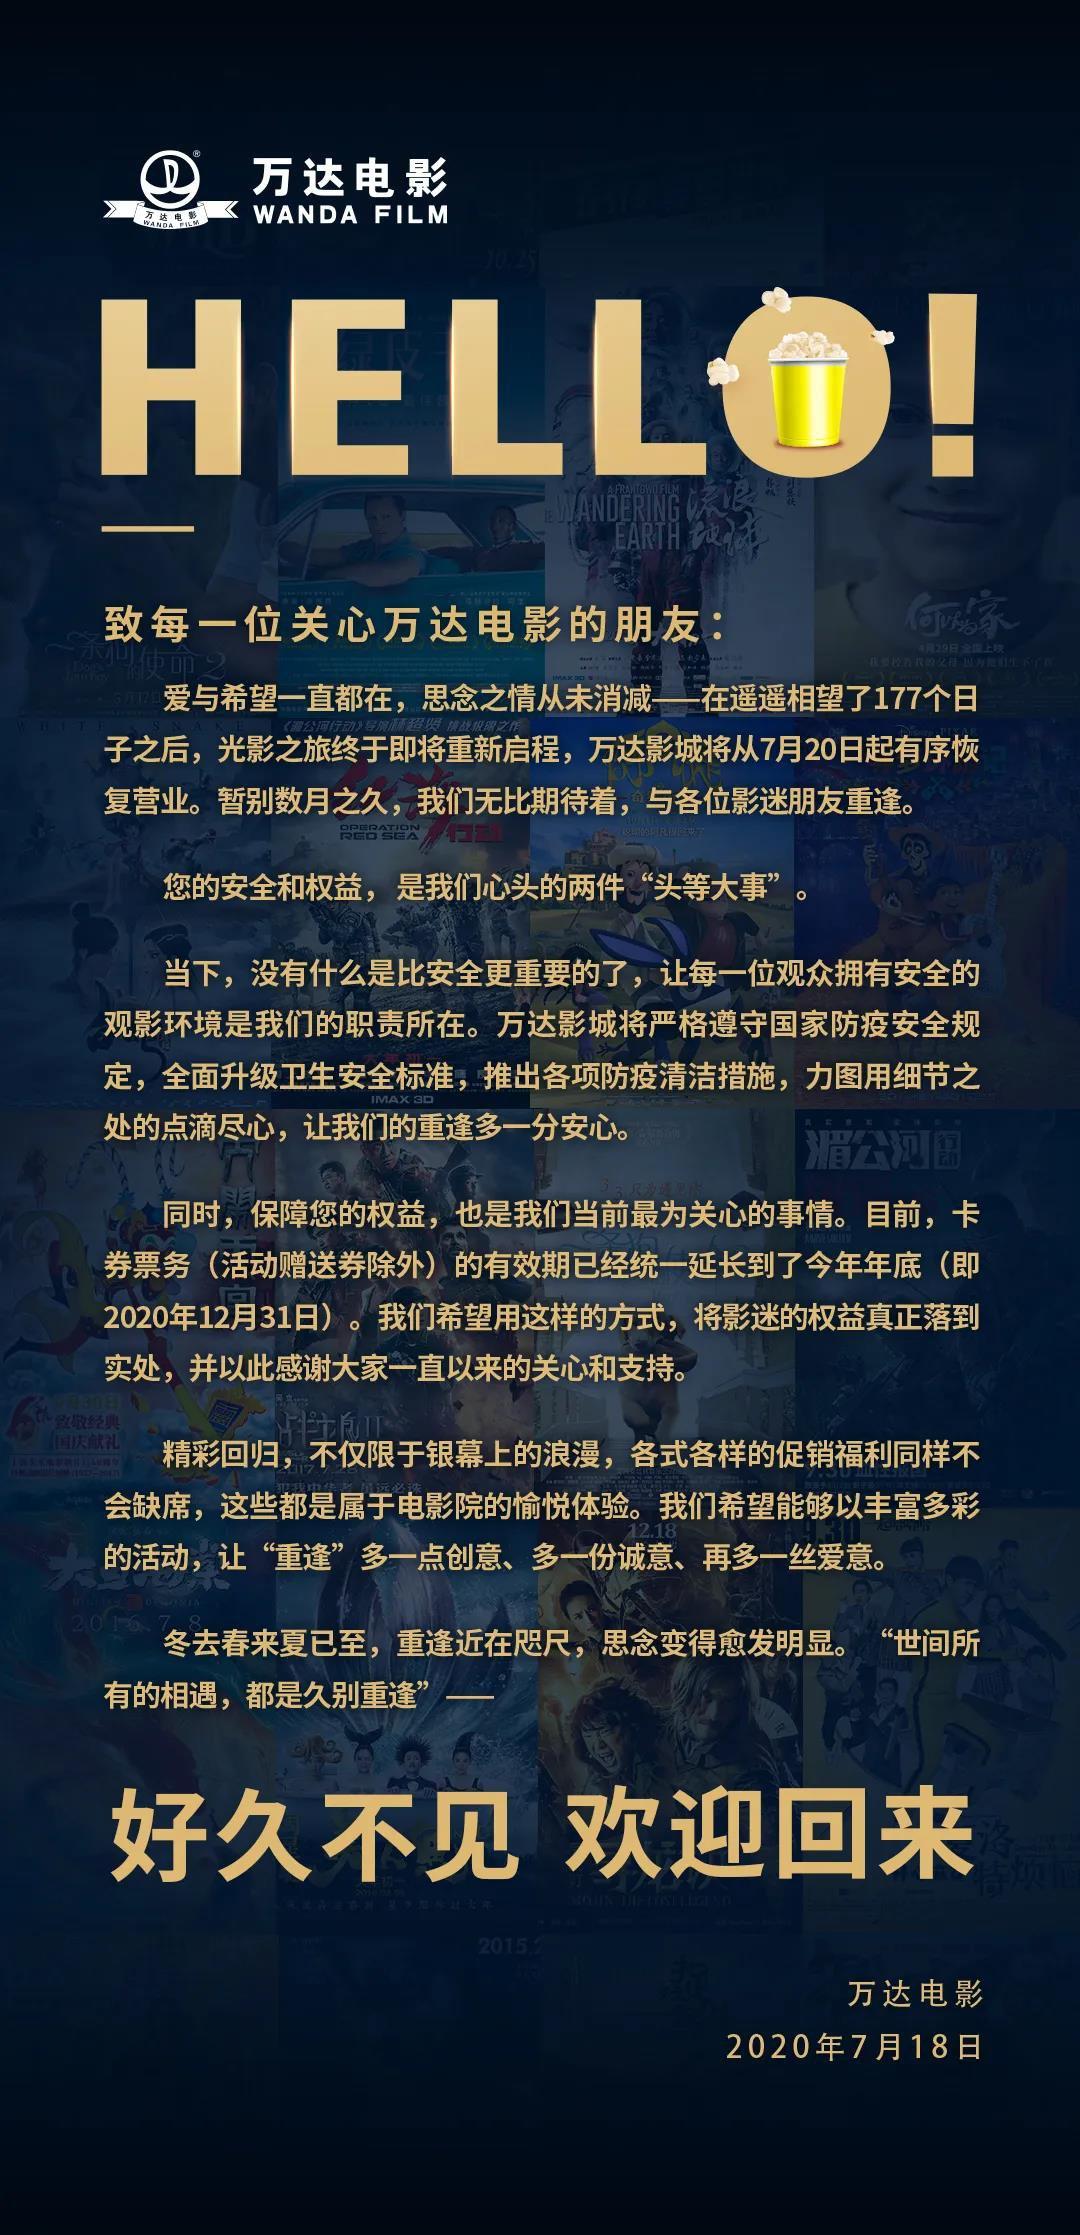 2020沈阳万达影城恢复营业了吗?(附复业影城名单)